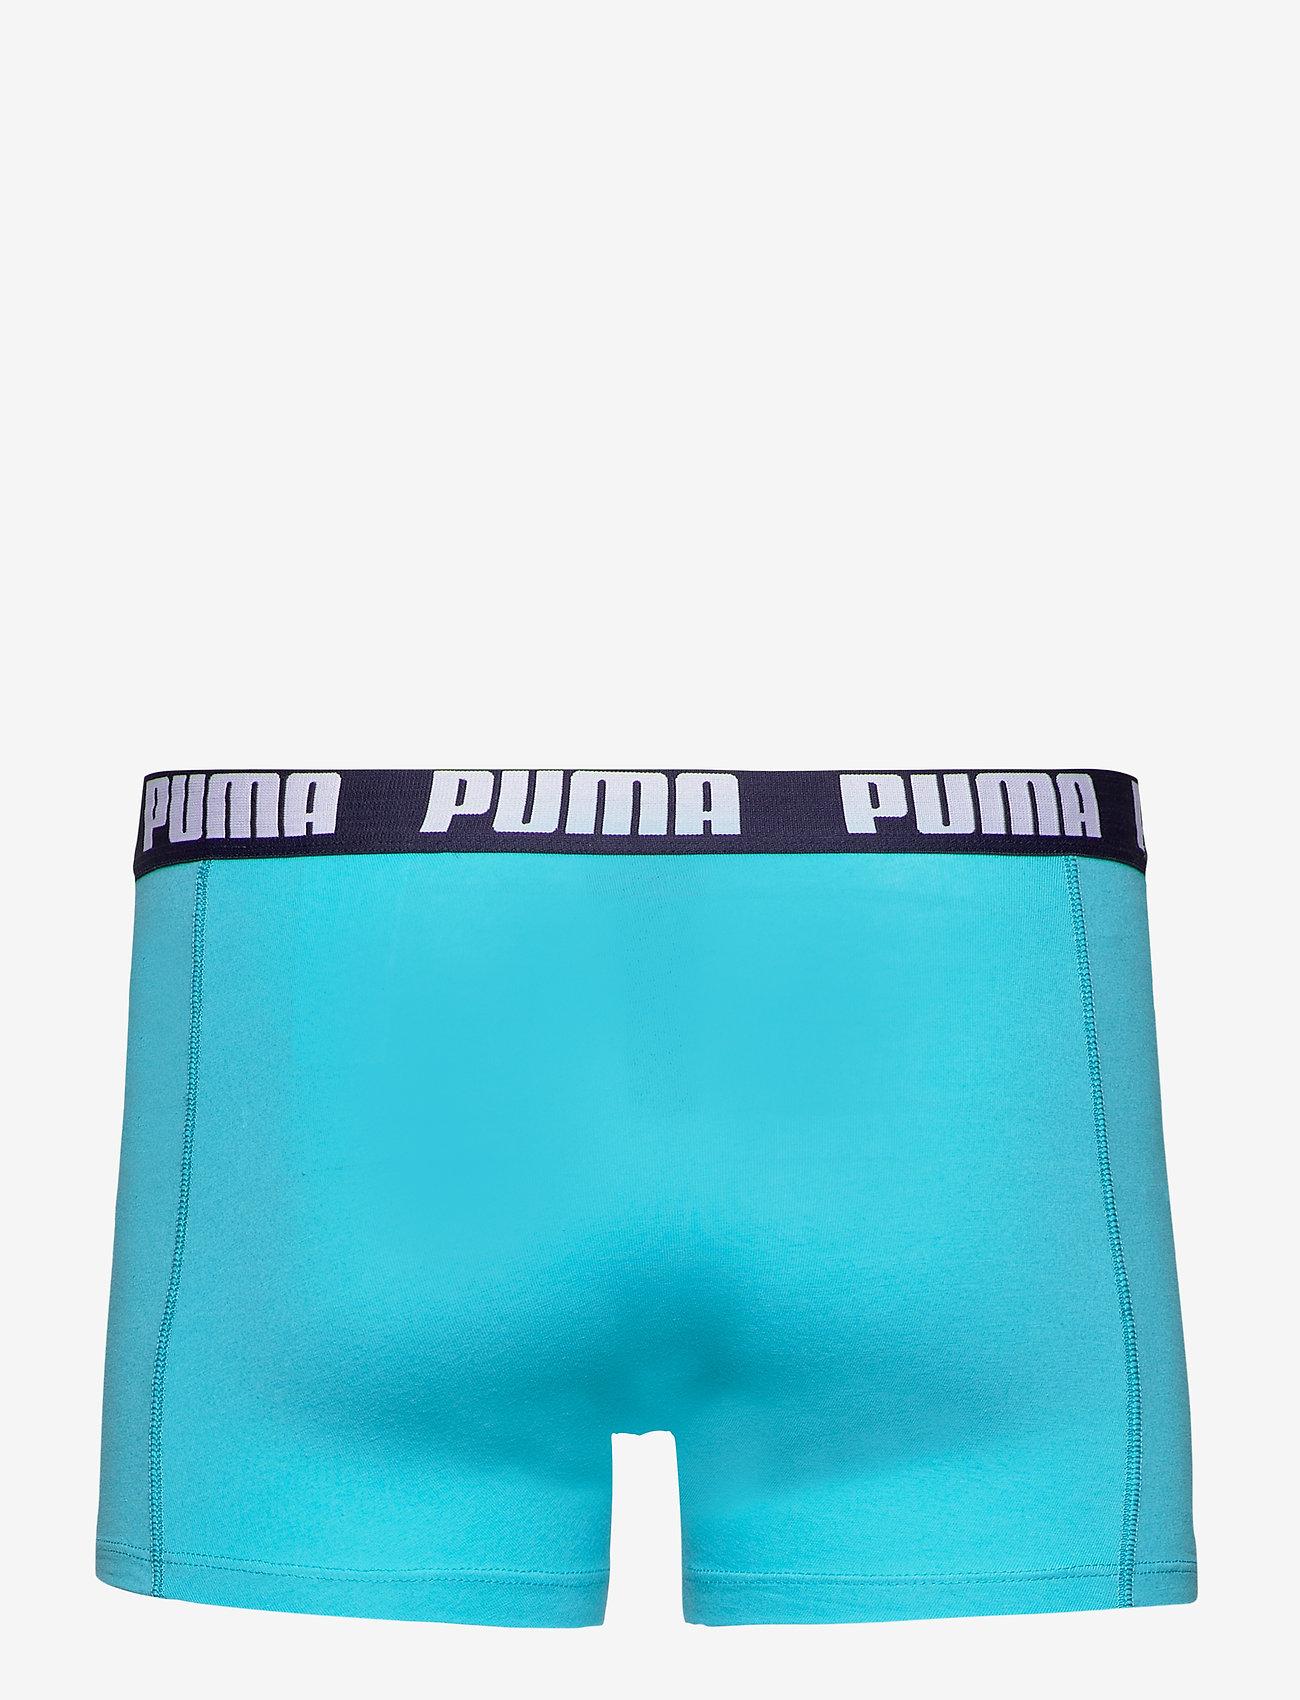 PUMA - PUMA BASIC BOXER 2P - boxer briefs - aqua / blue - 1